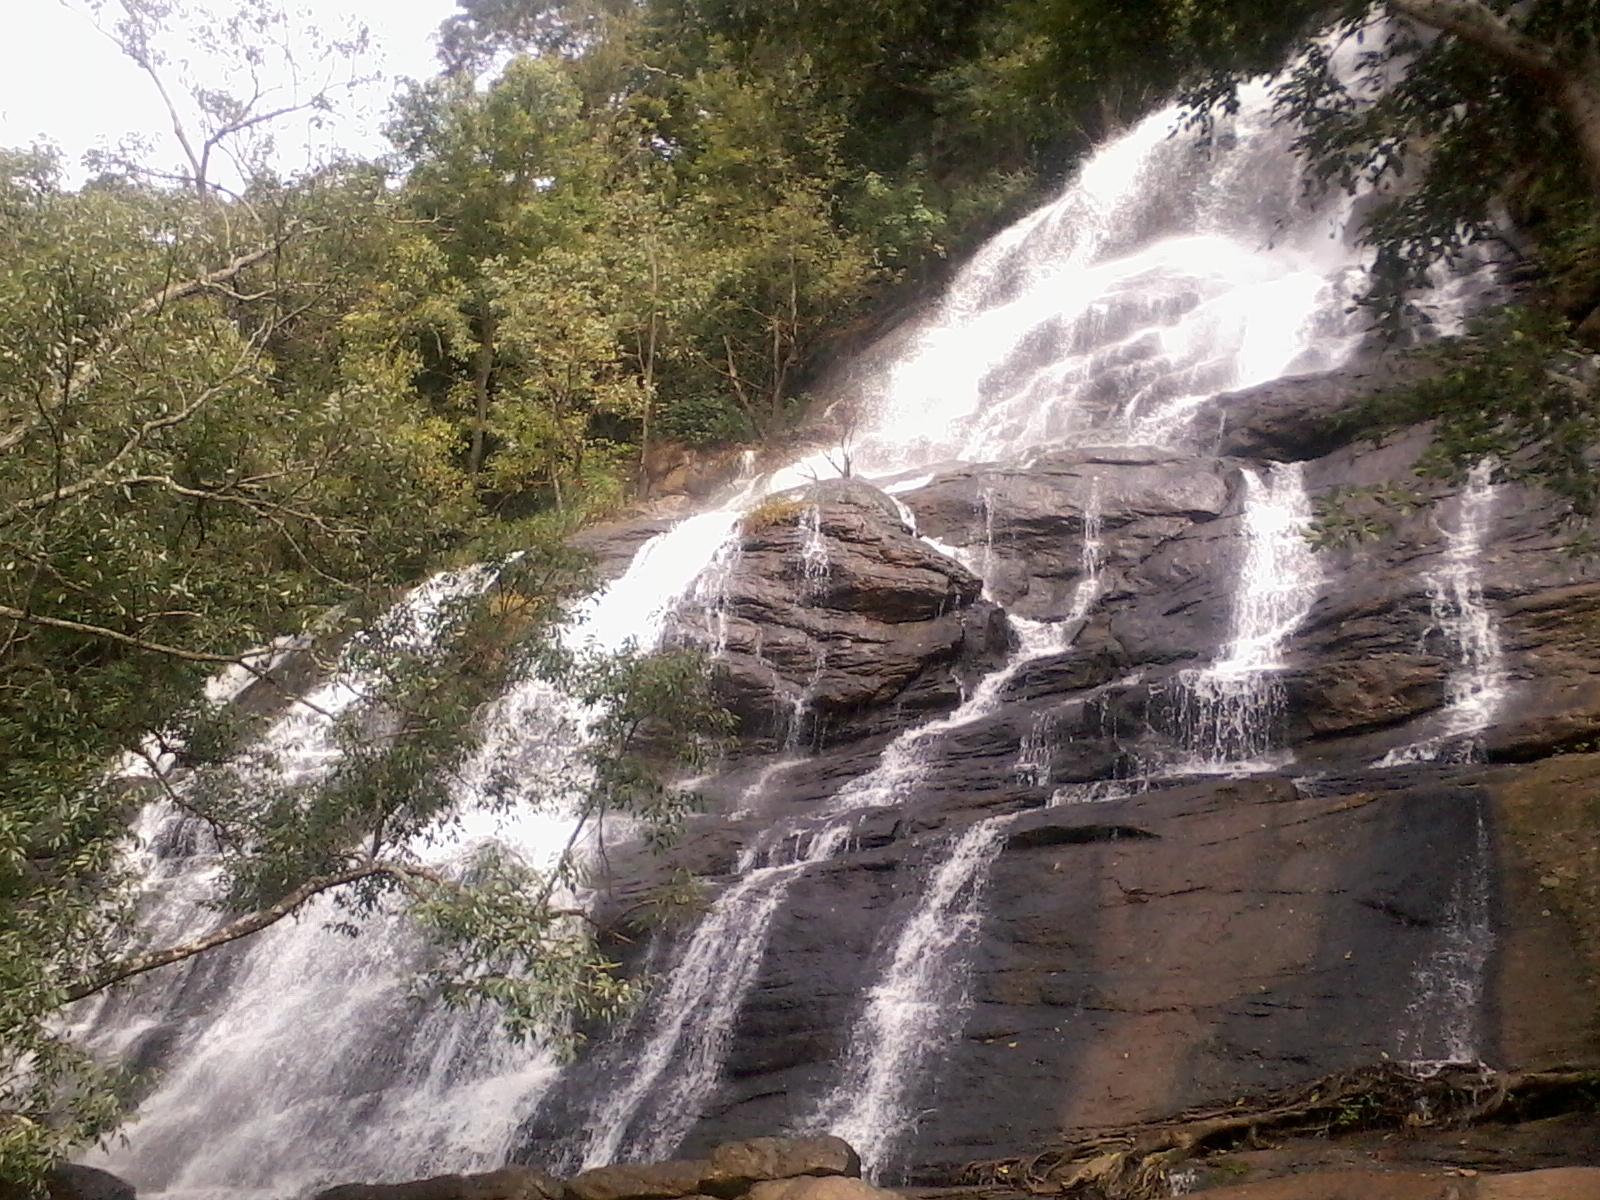 Killyur Falls - Yercaud Image